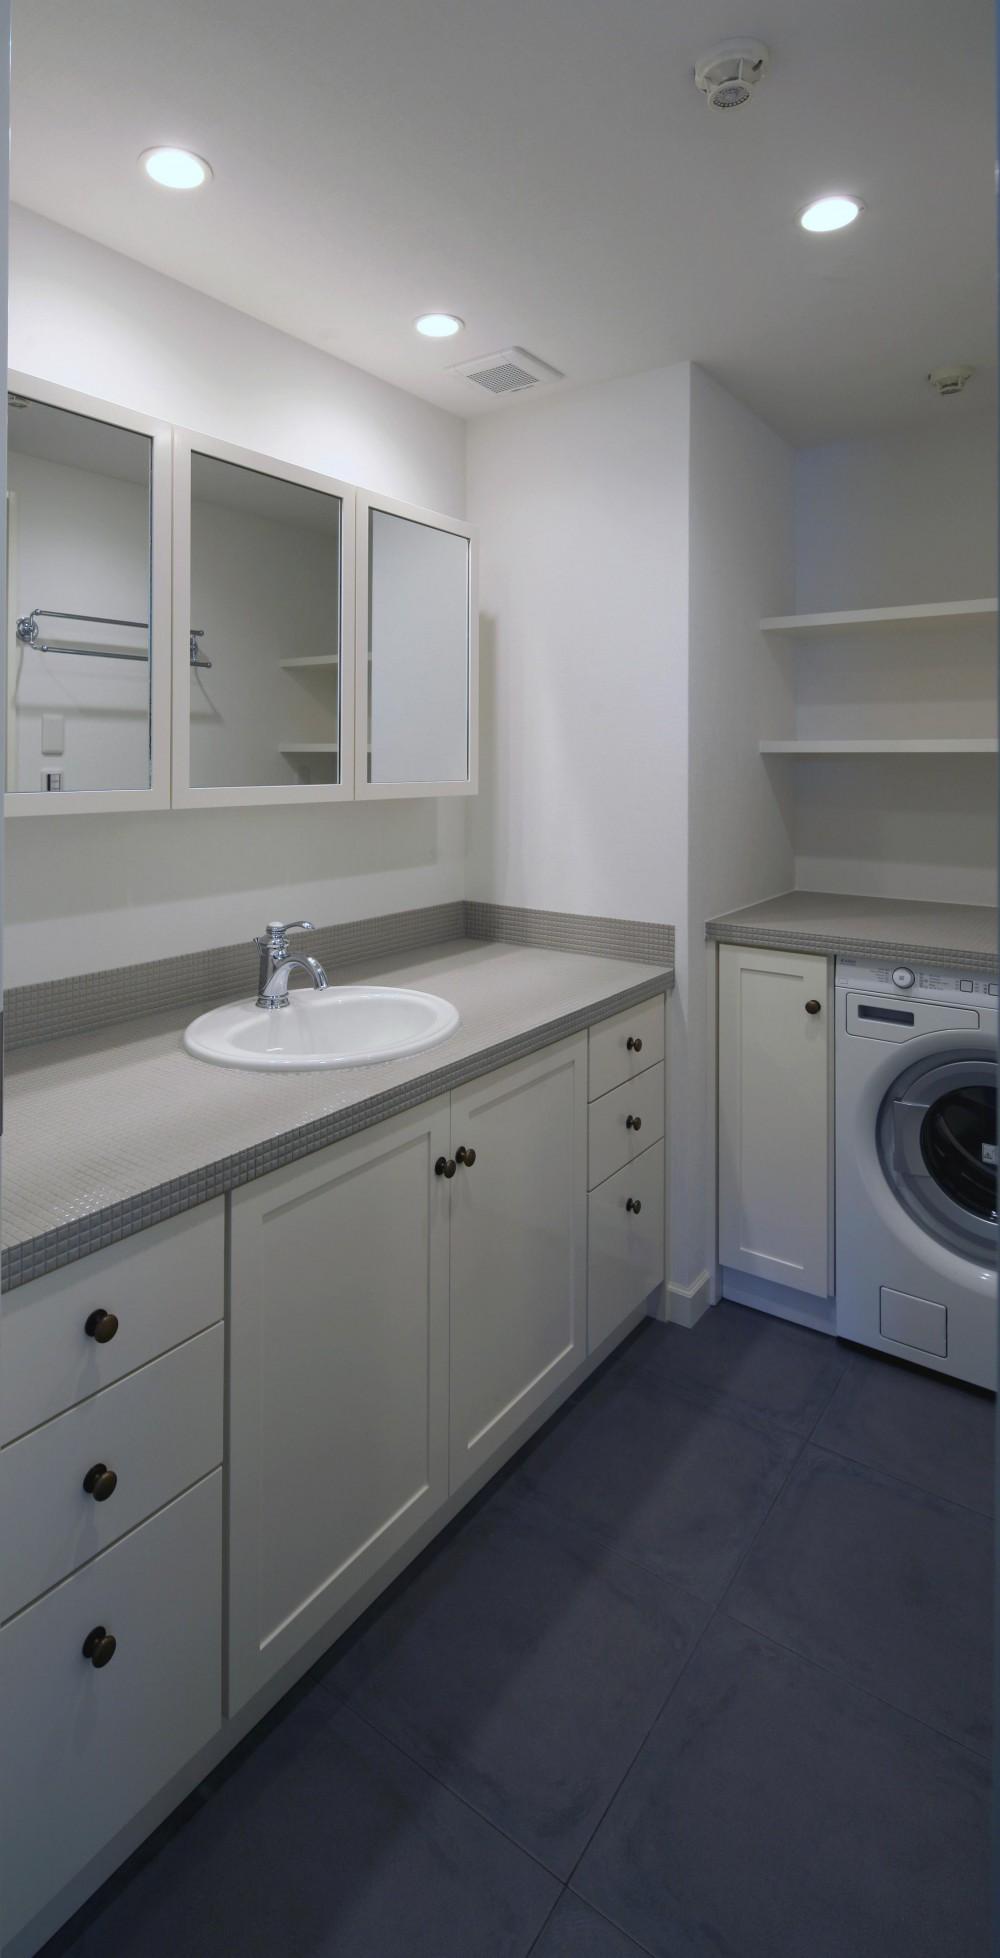 S邸 (グレータイル×ホワイトの洗面台)